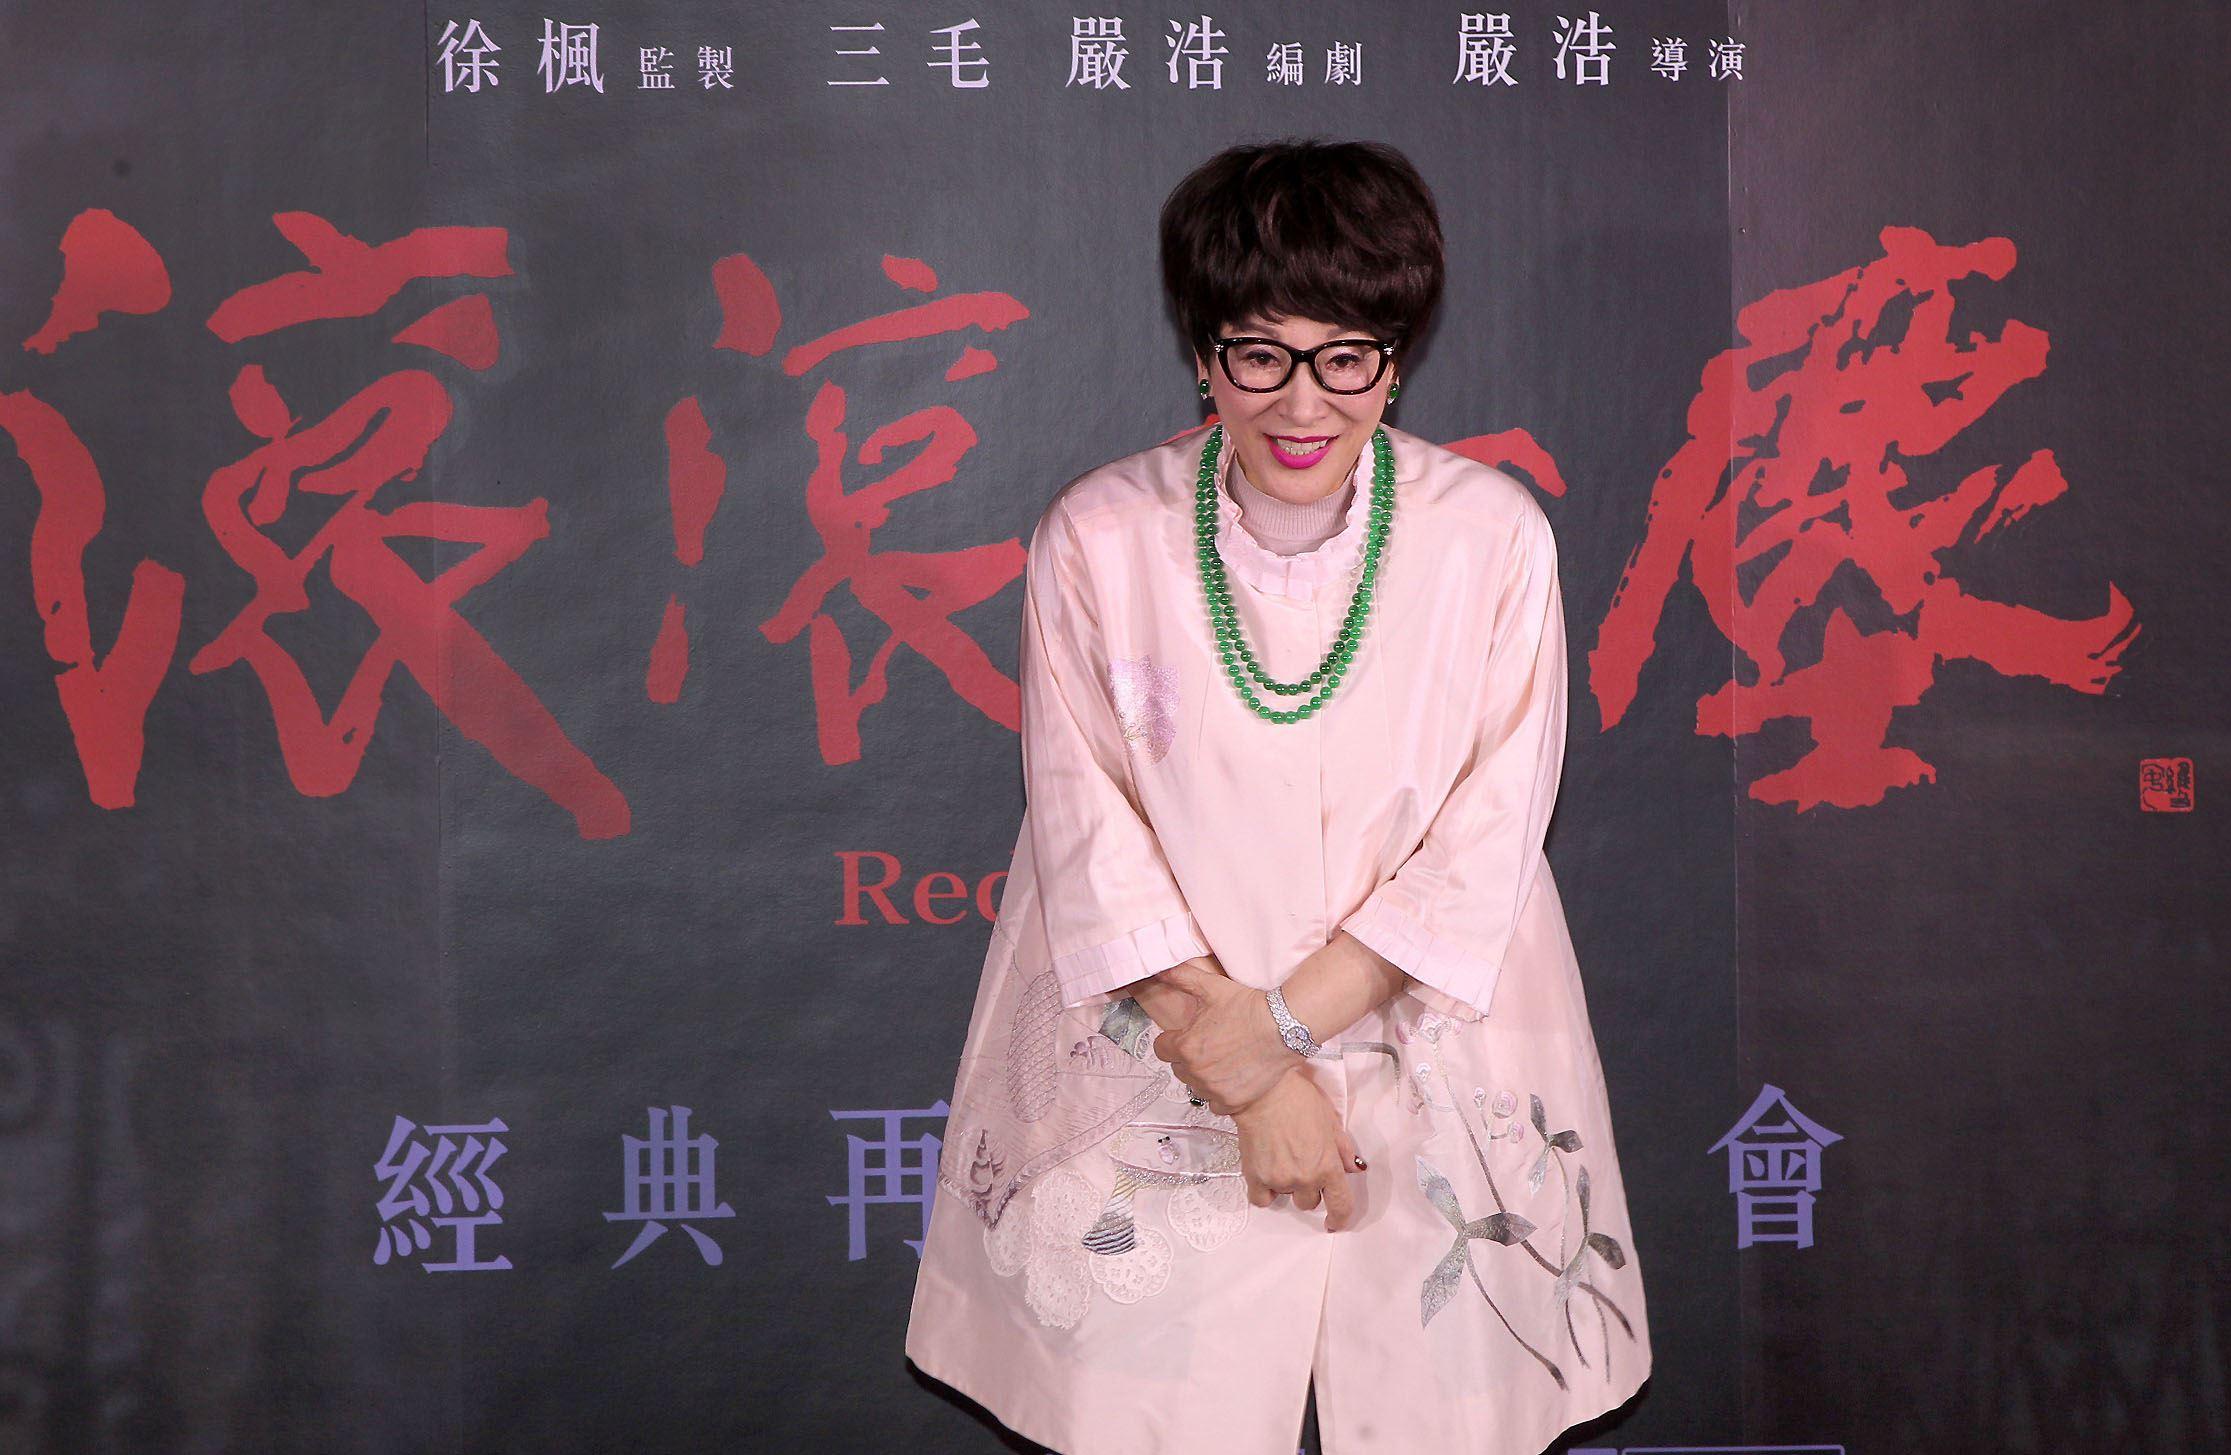 徐楓出席「紅塵滾滾」數位修復版首映會。(記者邱榮吉/攝影)